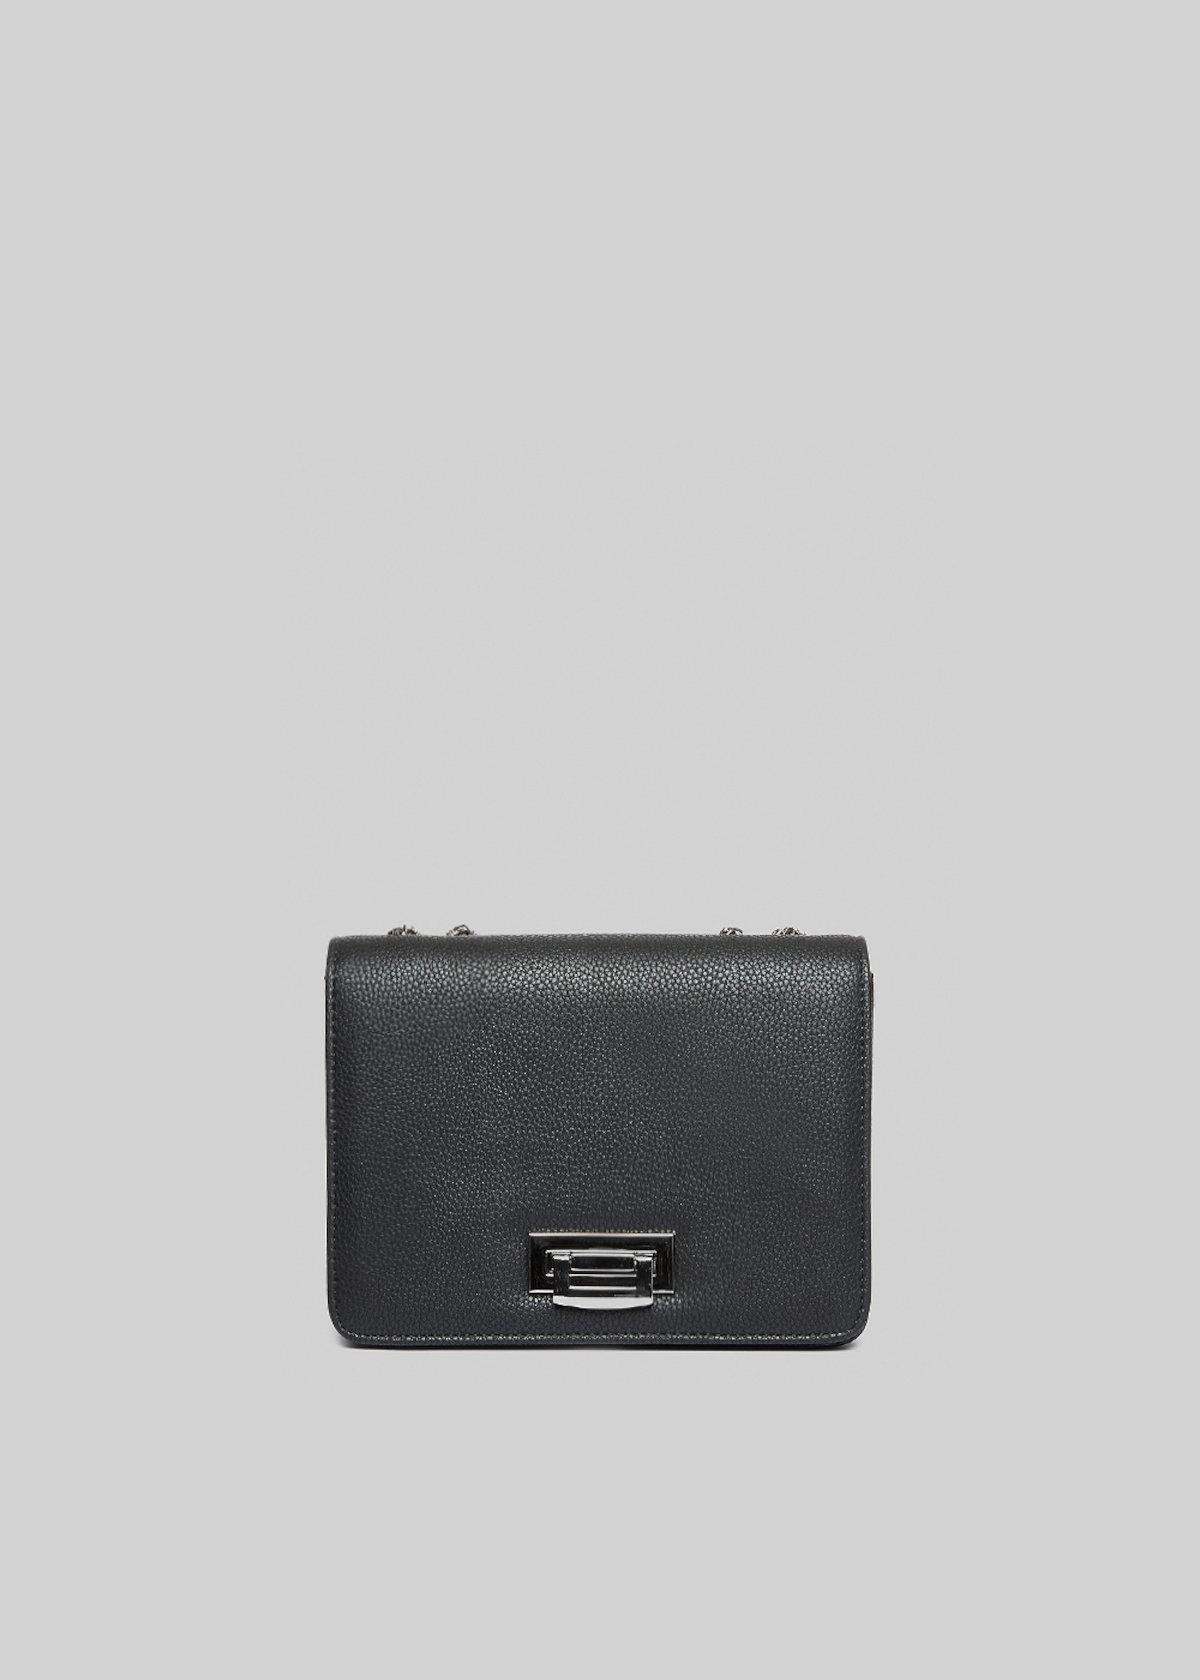 Fede Pyth faux leather Python effect clutch